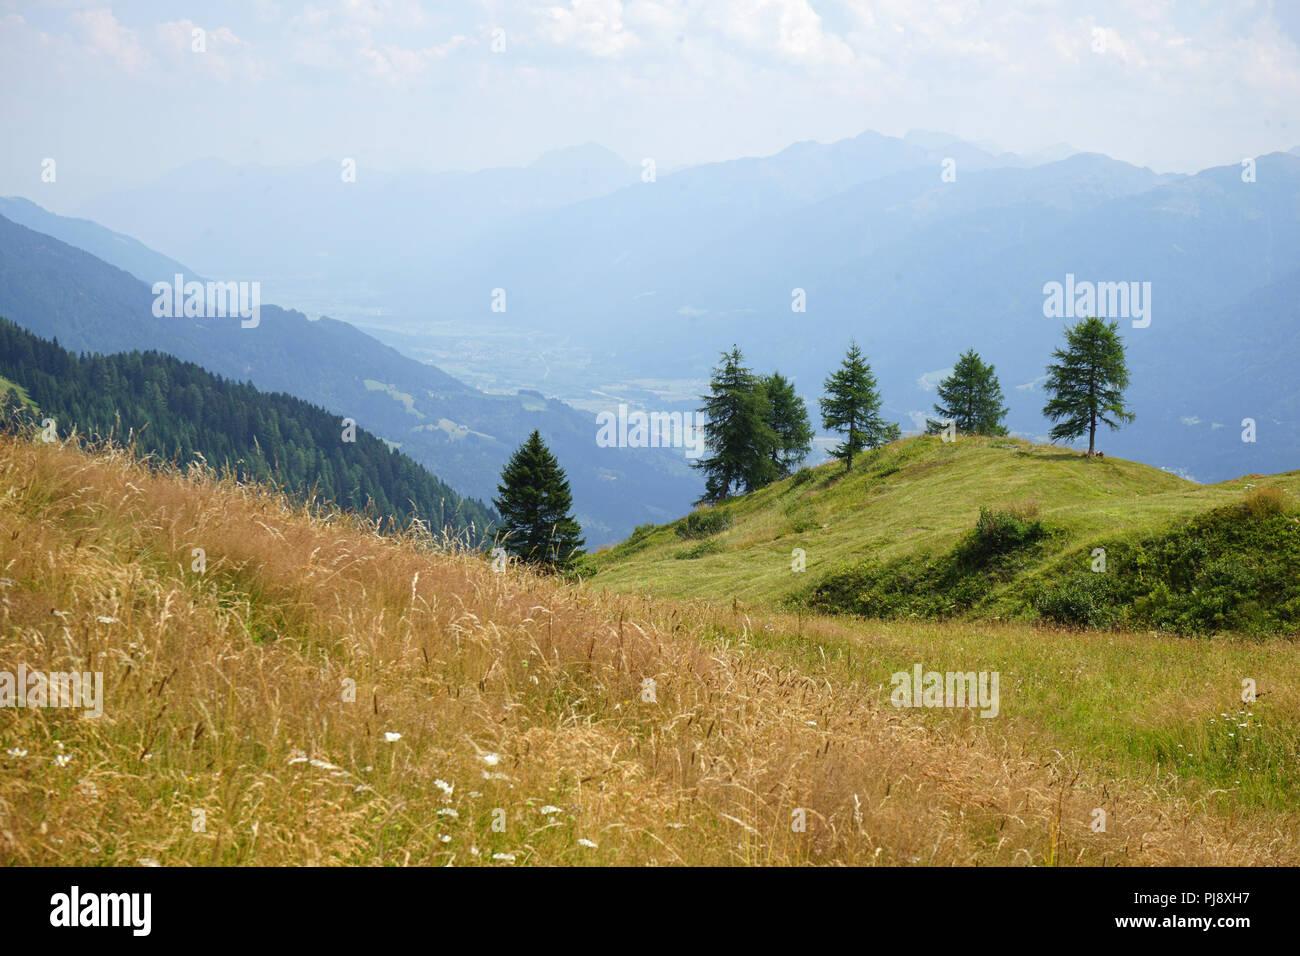 Mussen oder Auf der Mussen, Naturschutzgebiet, Almgebiet, Bergwiesen, Lesachtal, Kärnten, Österreich Stock Photo